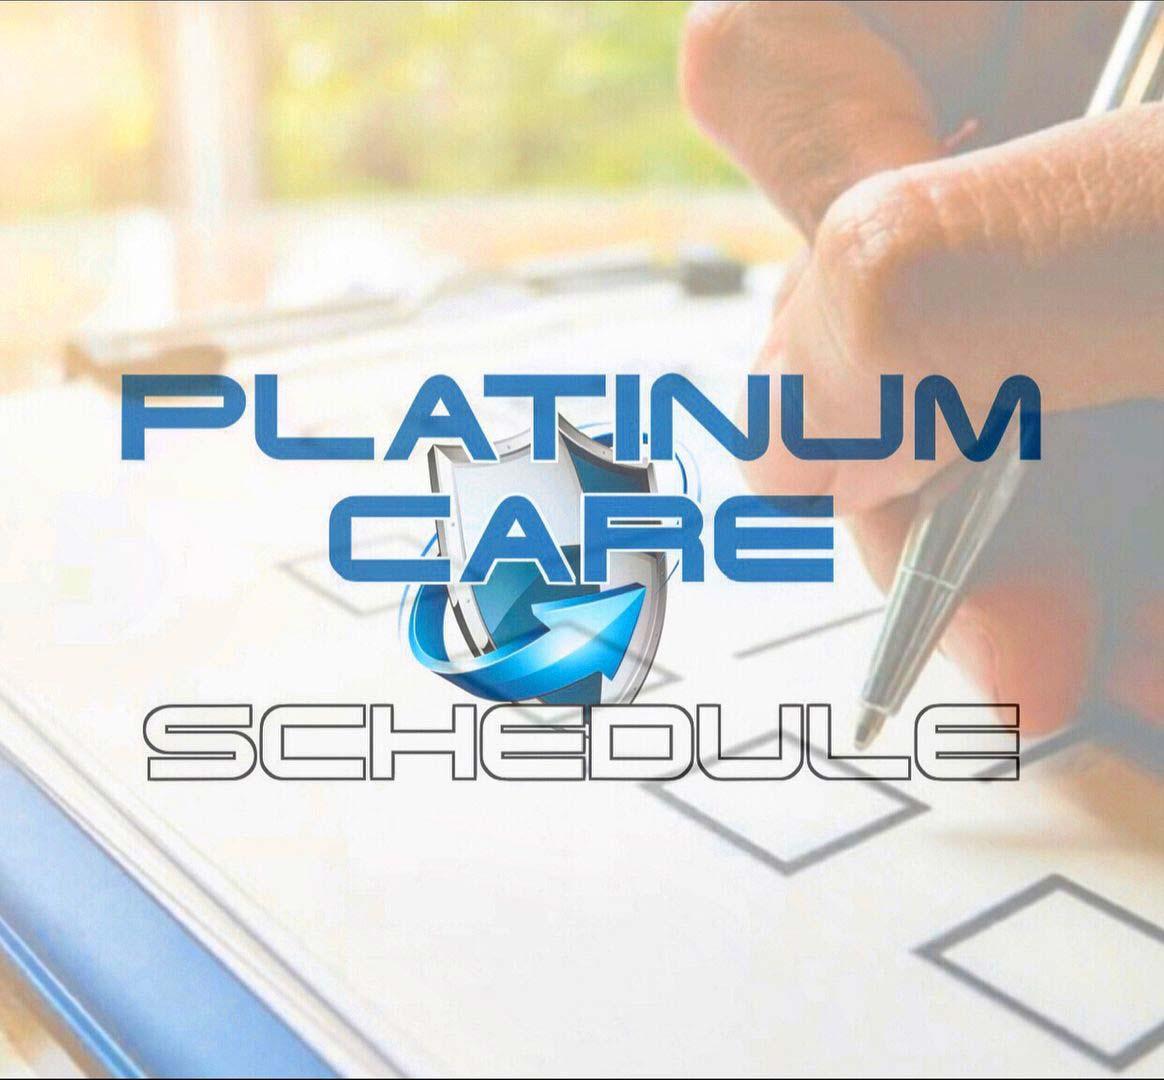 Platinum Care Schedule